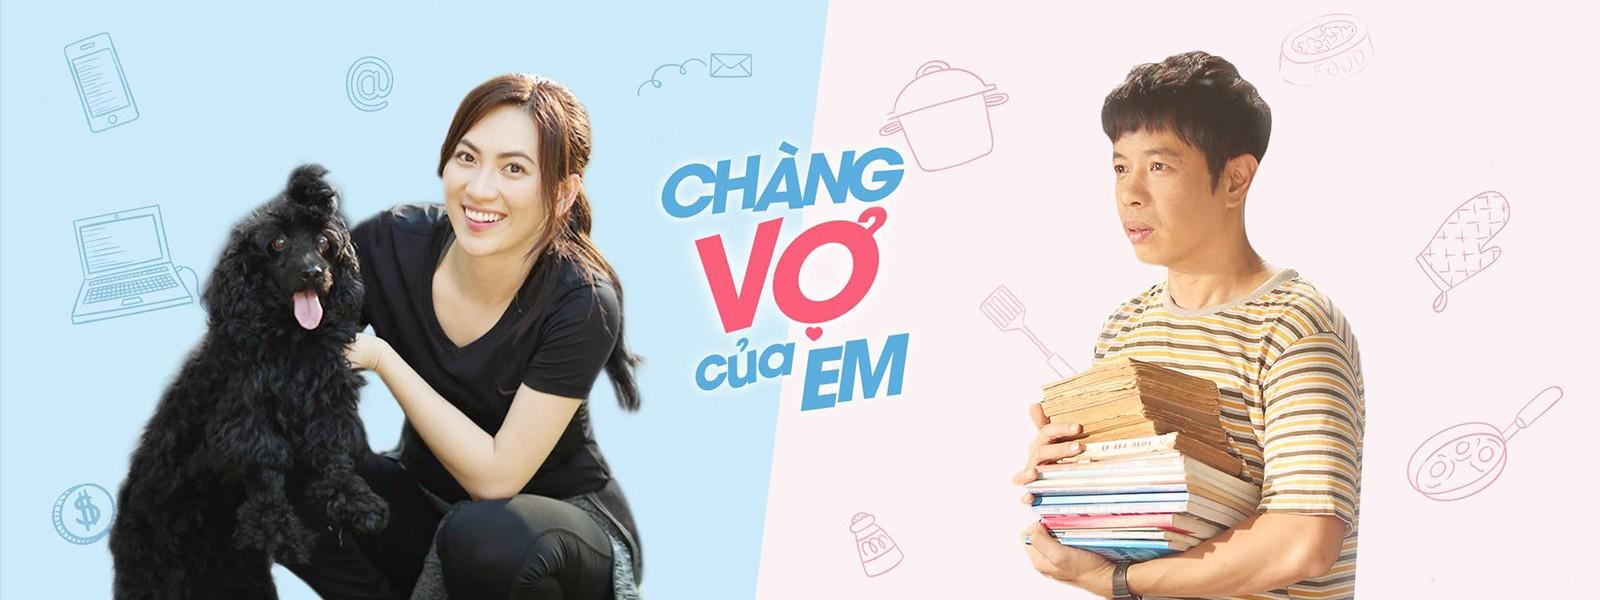 Phương Anh Đào: Cô gái có hai vai nữ chính, một vai nữ thứ trong mùa hè năm nay của điện ảnh Việt là ai? - Ảnh 11.